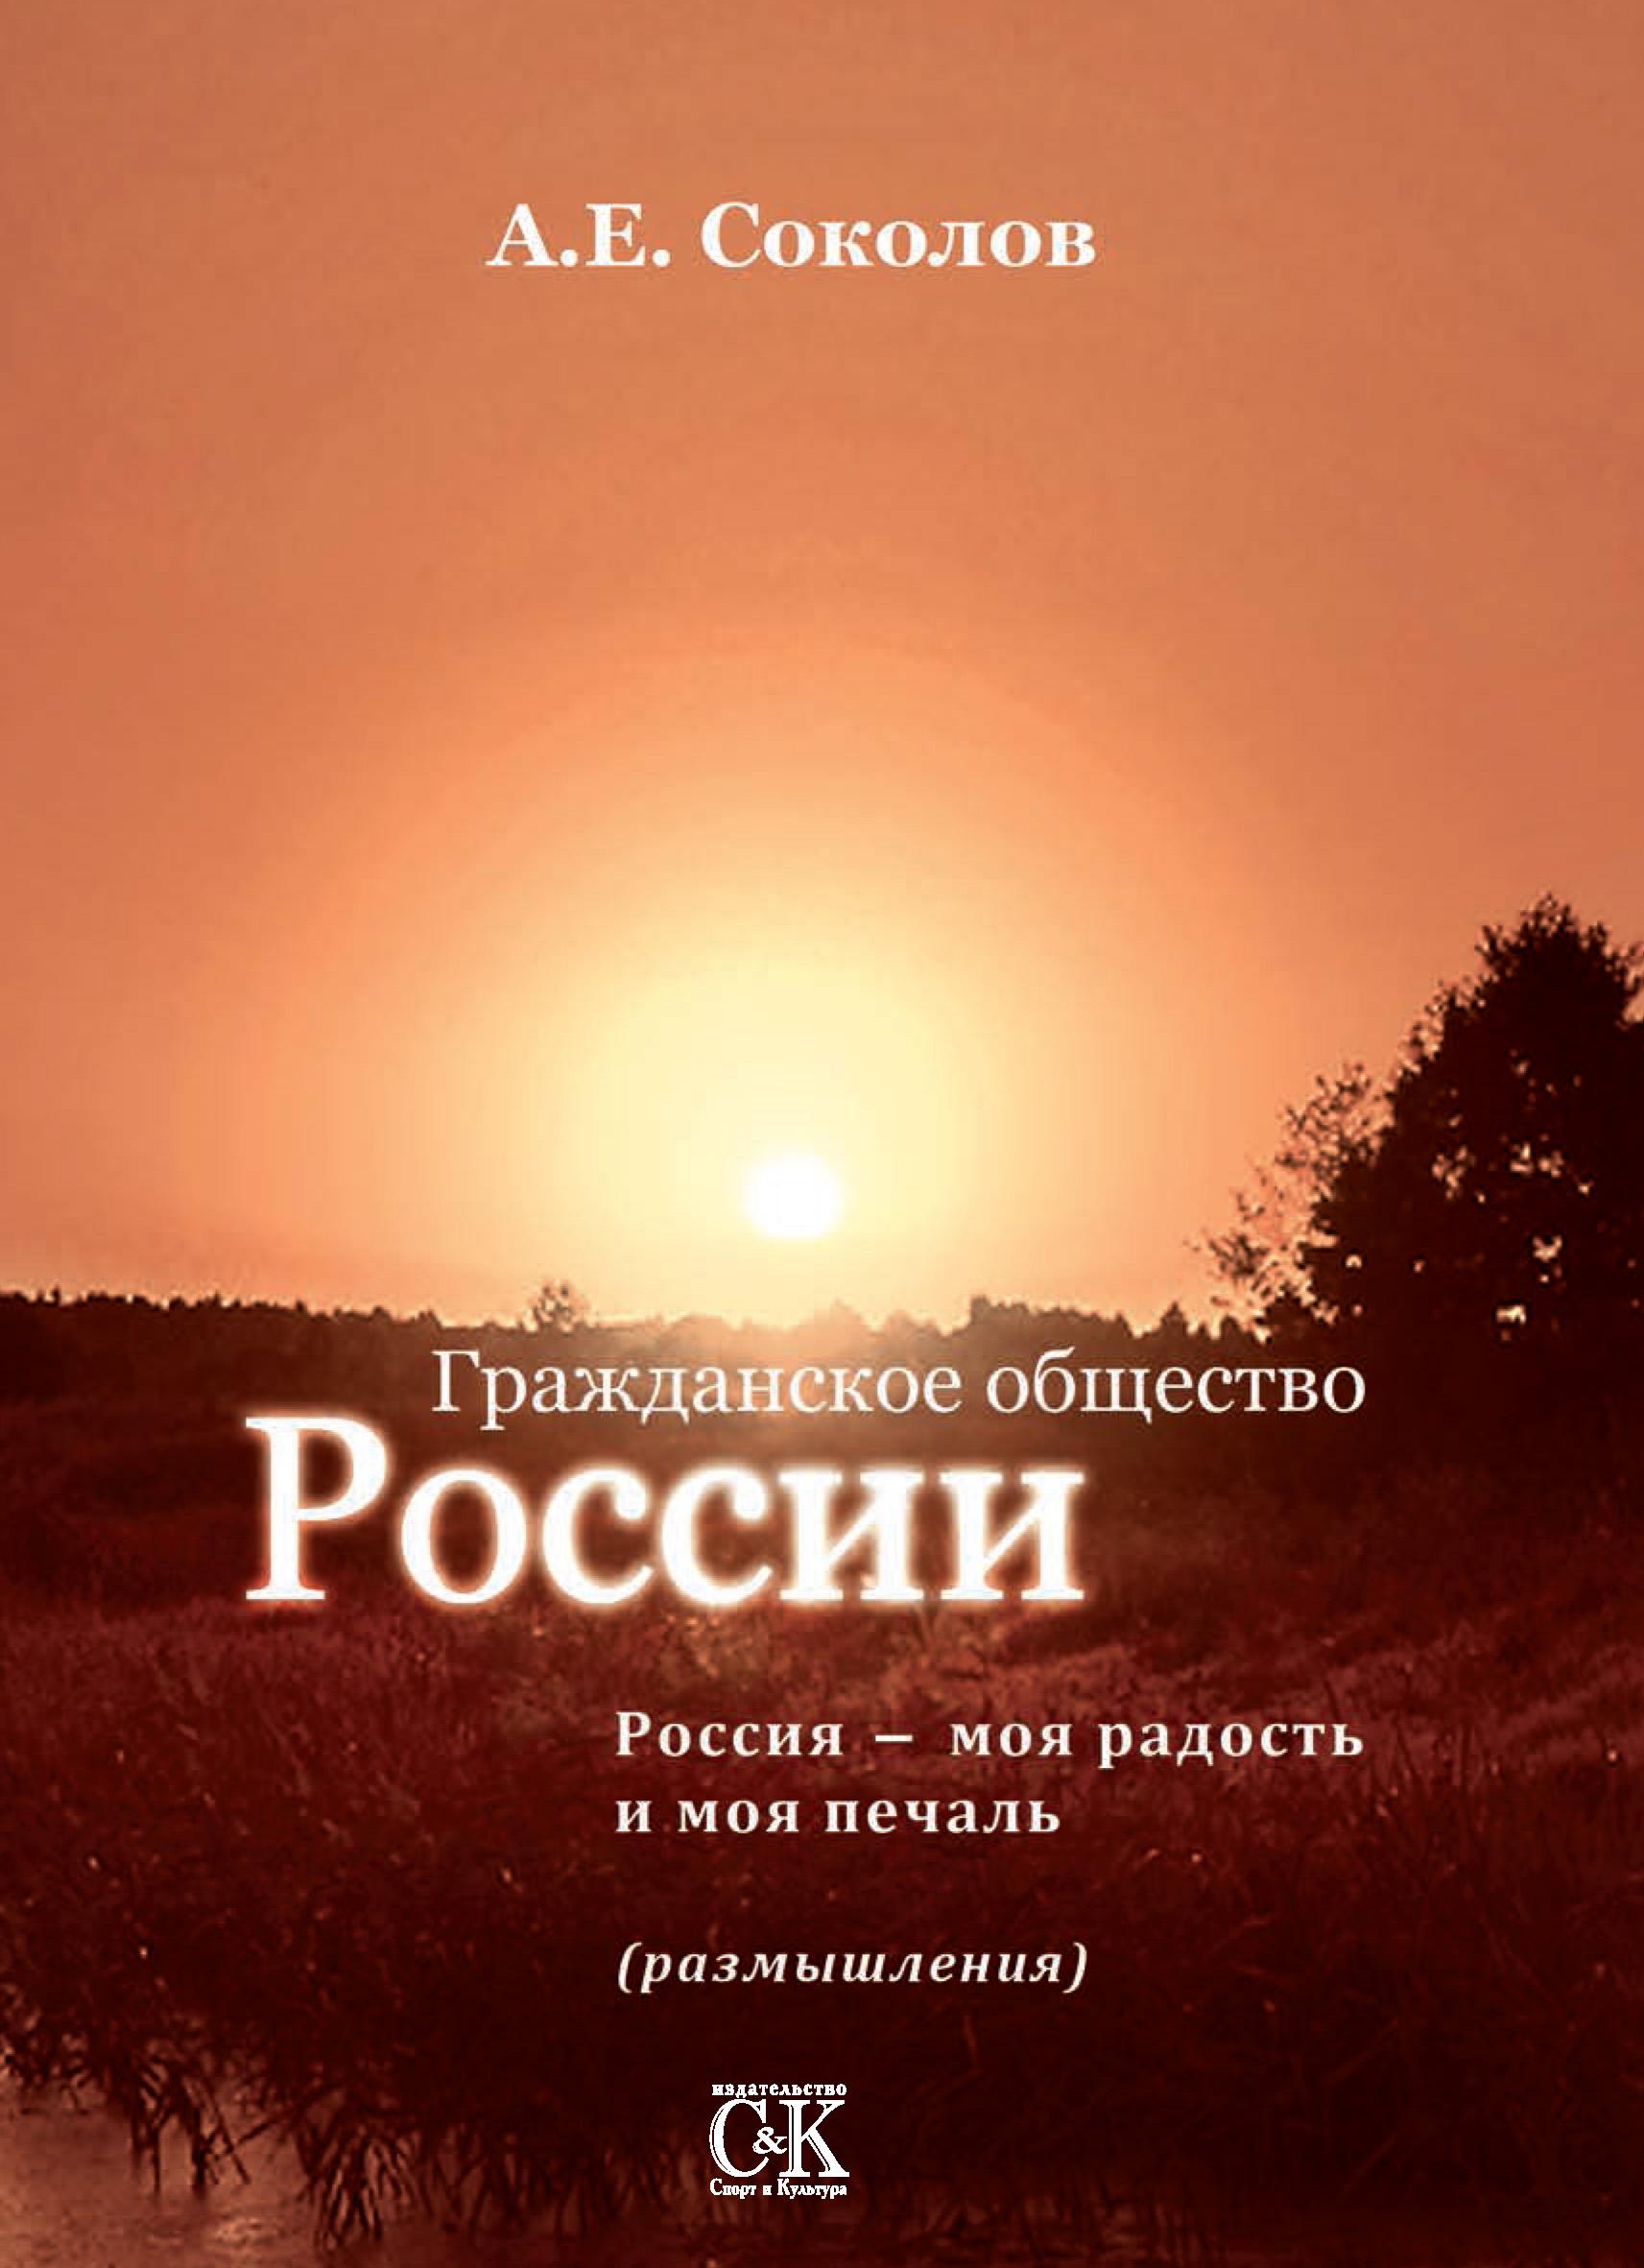 Гражданское общество России. Россия – моя радость и моя печаль (размышления)